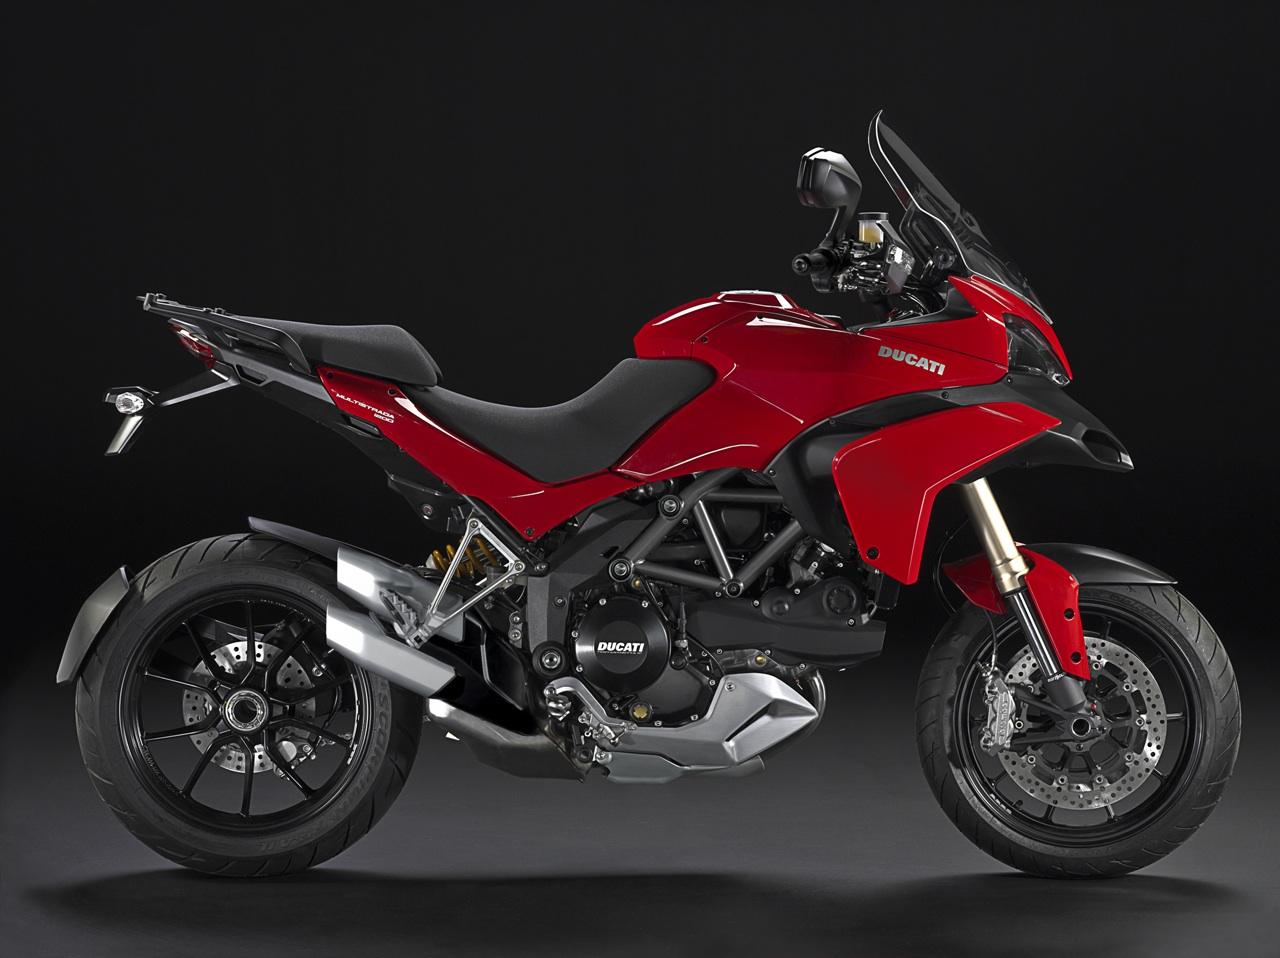 Visordown readers' top 10 motorcycles